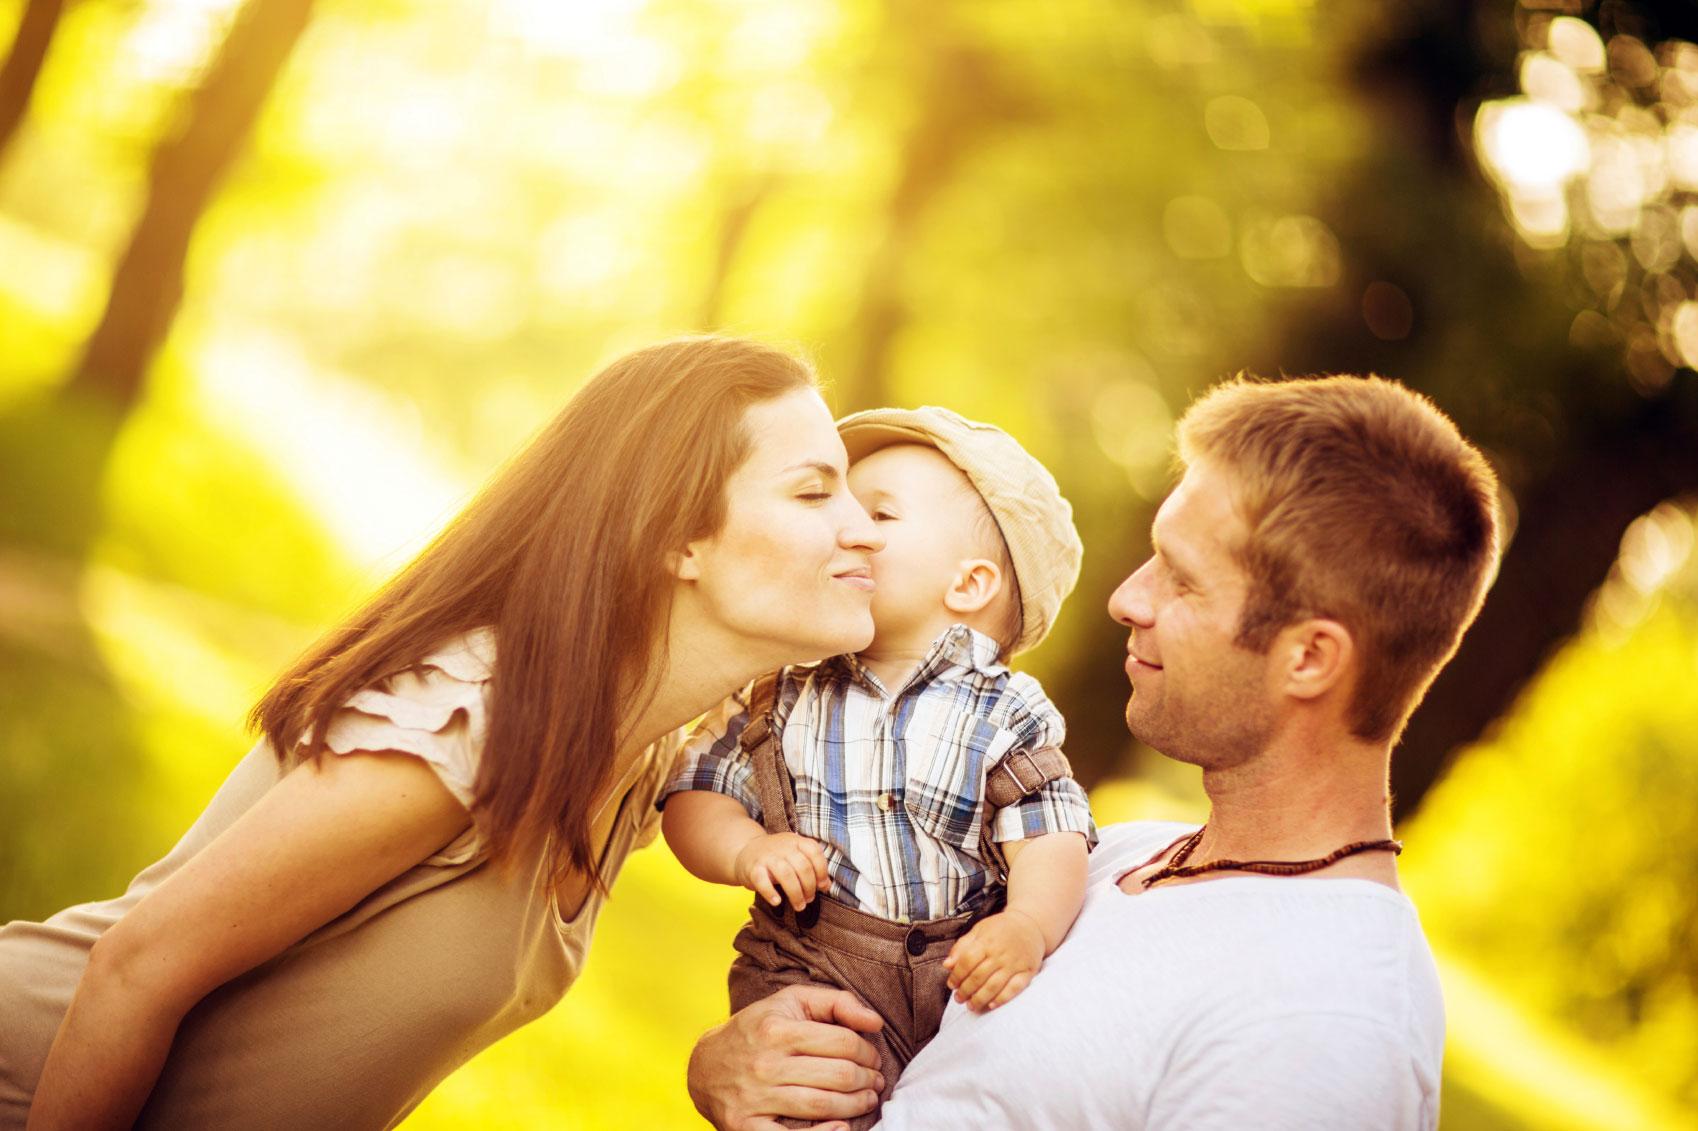 Любящая семья картинка